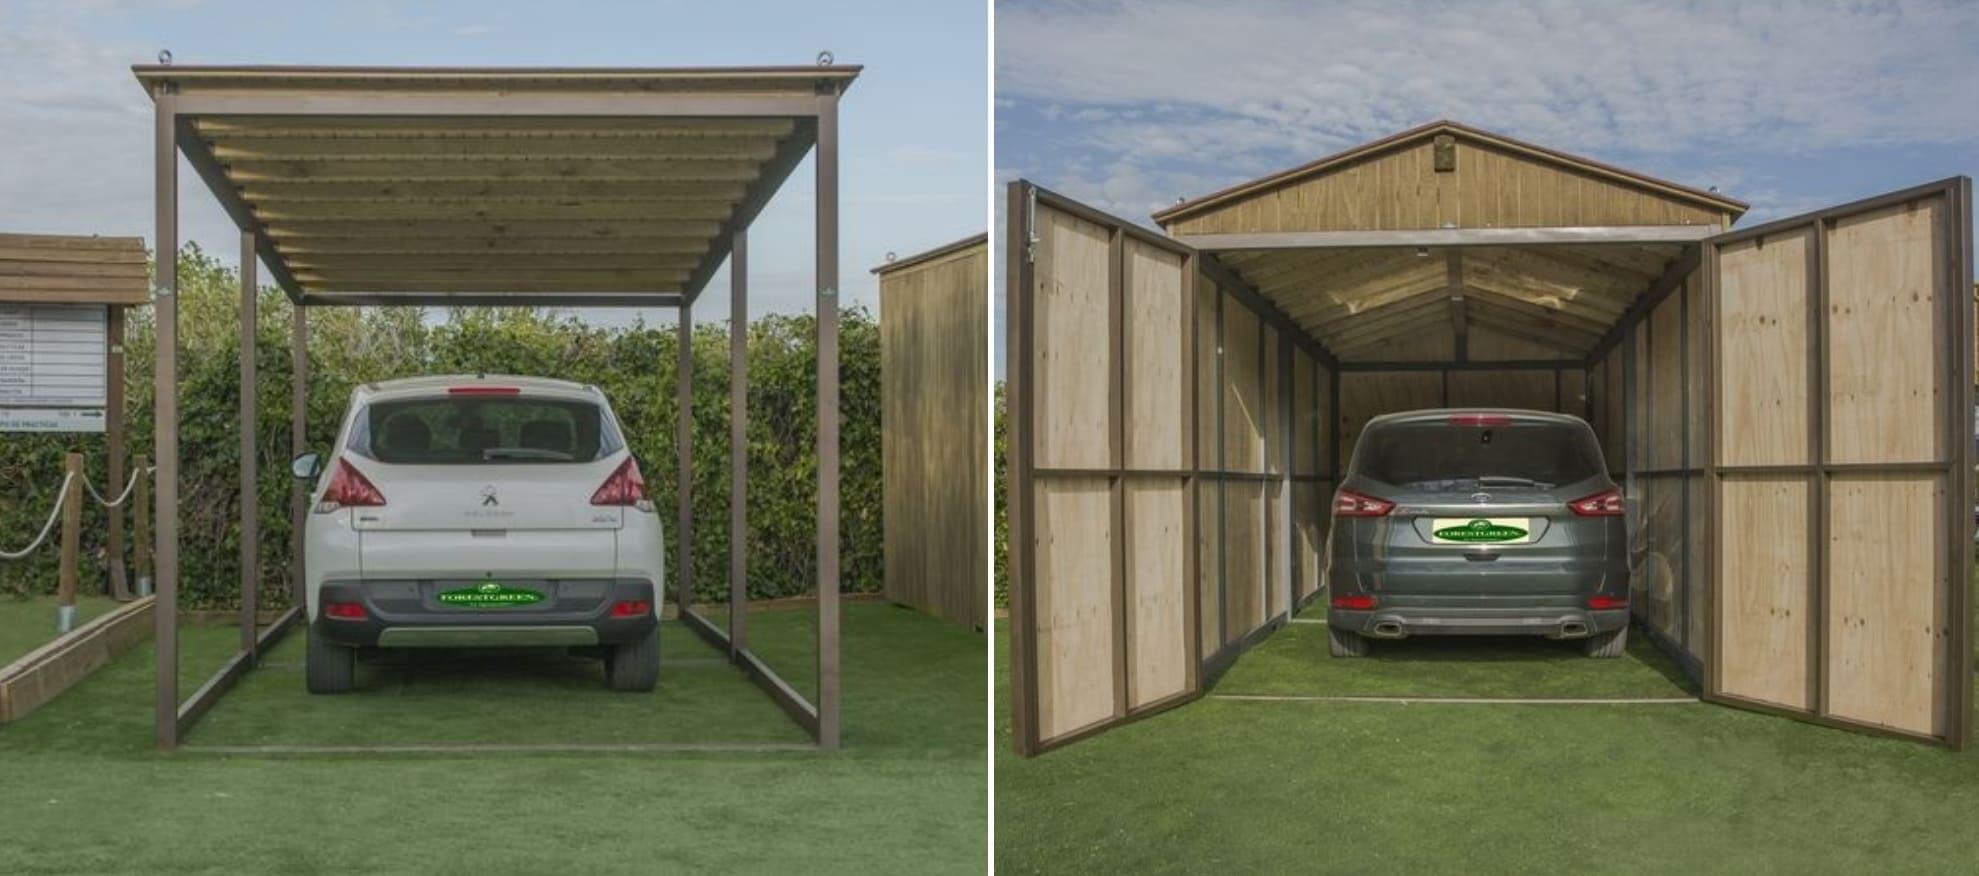 aparcamiento abierto y garaje Forestgreen